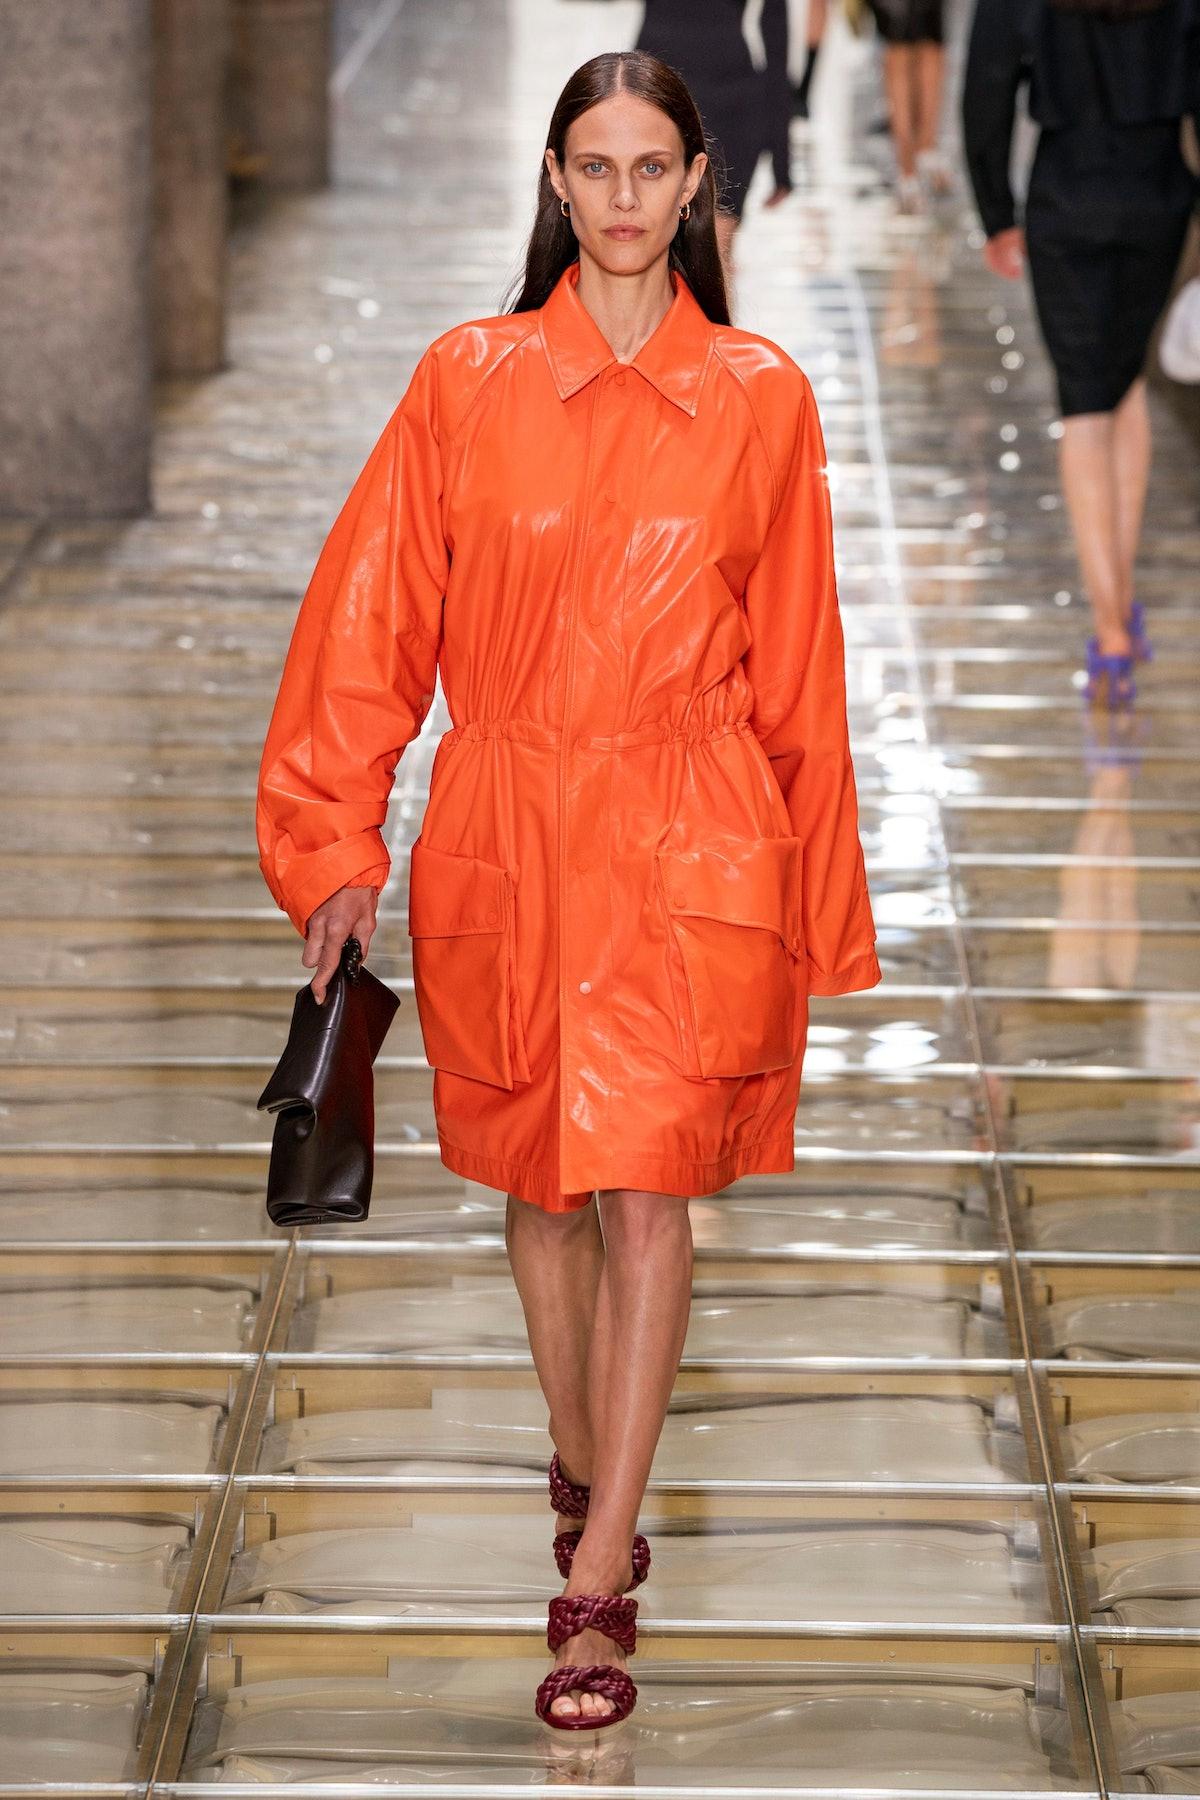 Spring 2020 Orange trend at Bottega Veneta